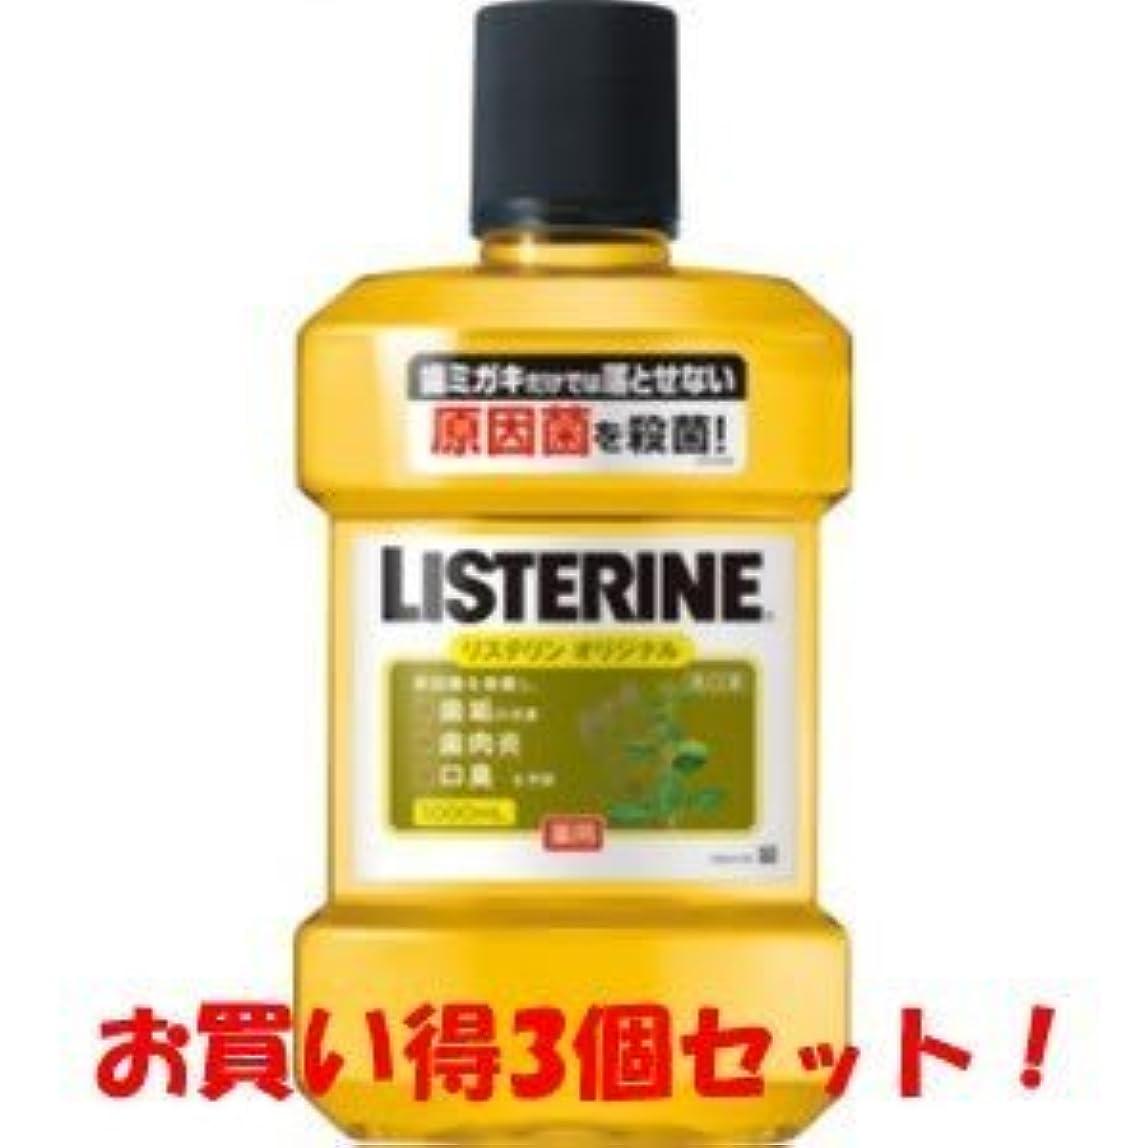 有名なる孤独な【ジョンソン&ジョンソン】薬用 リステリン オリジナル 1000ml(医薬部外品)(お買い得3個セット)